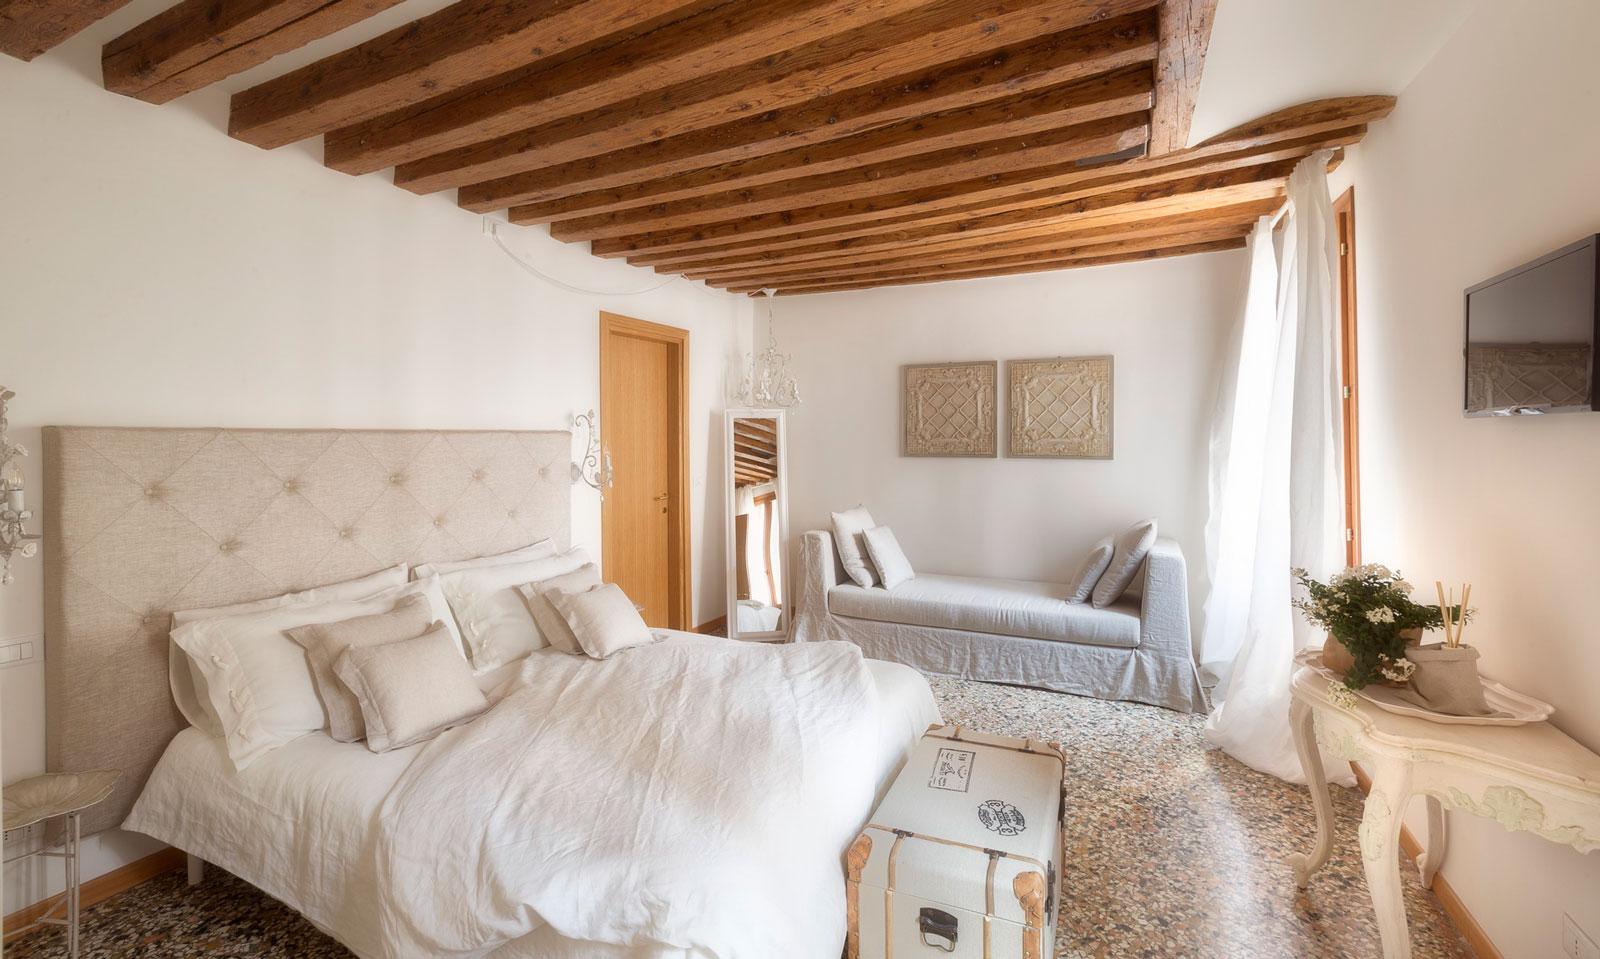 Sito web hotel bed and breakfast siti web per tutti - Mobili per bed and breakfast ...